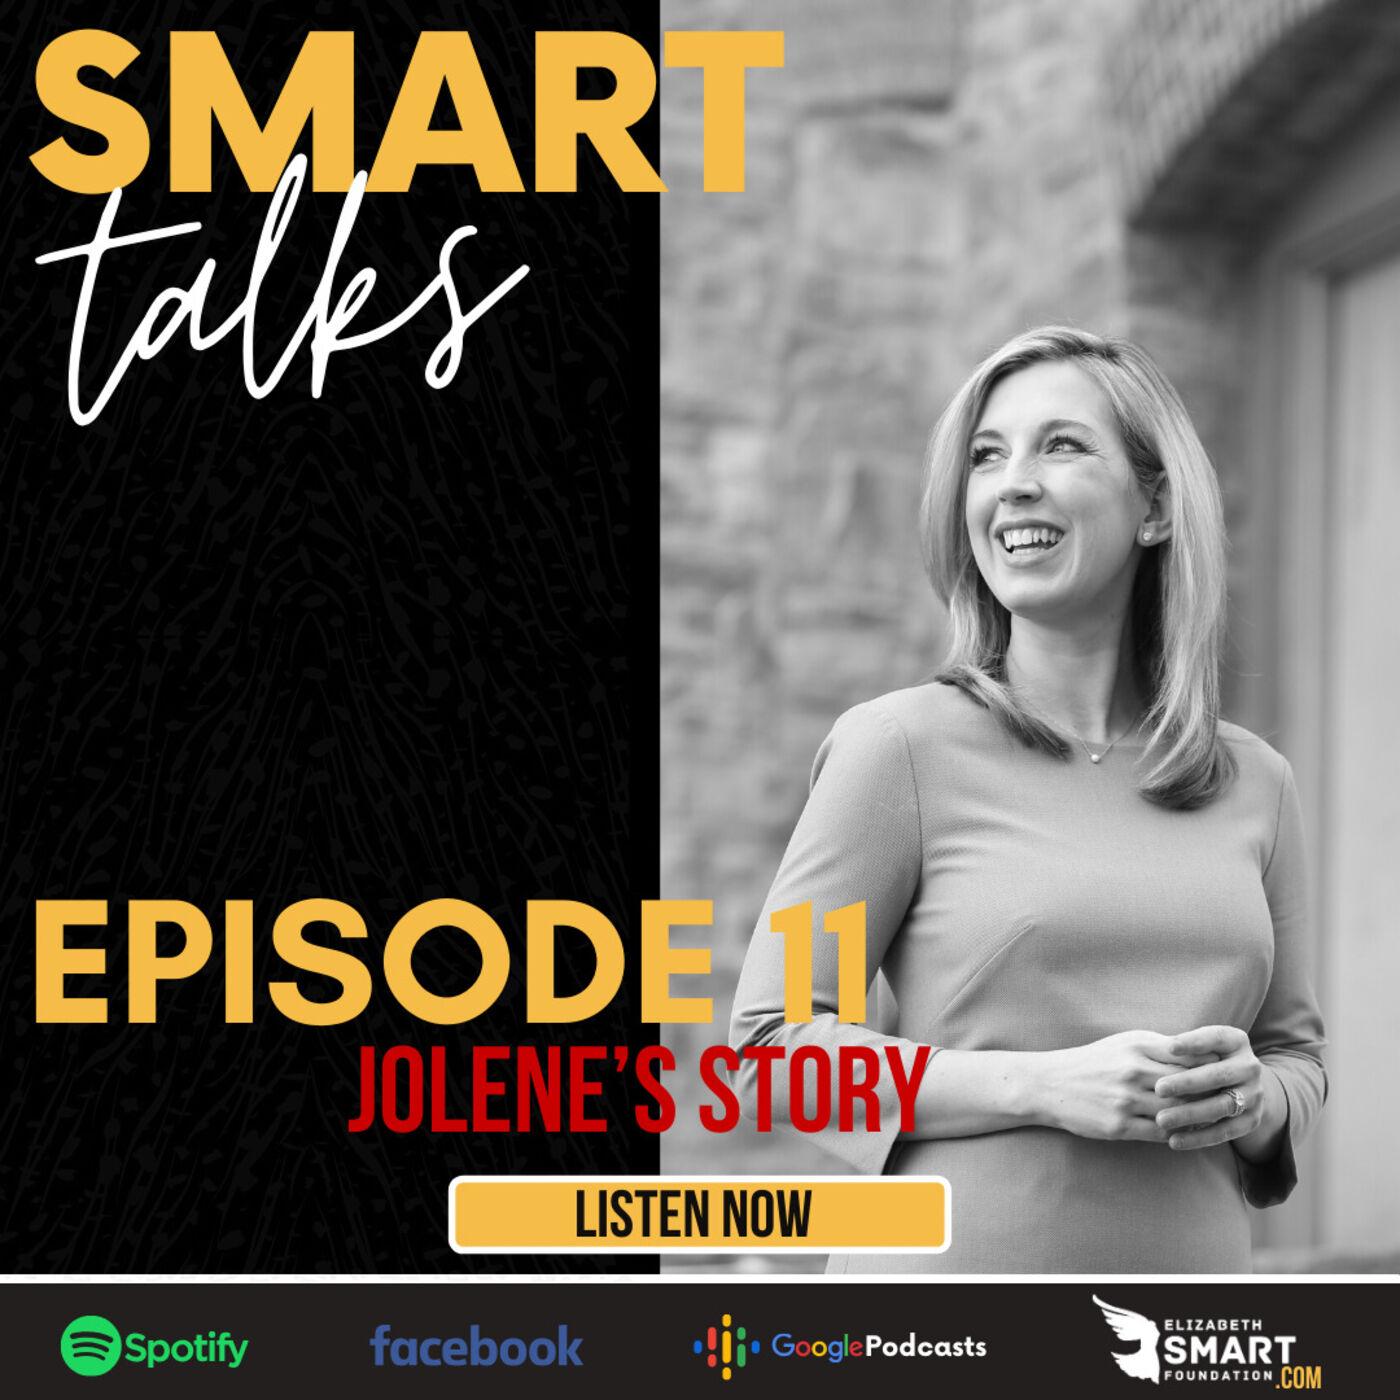 Episode 11: Jolene's Story